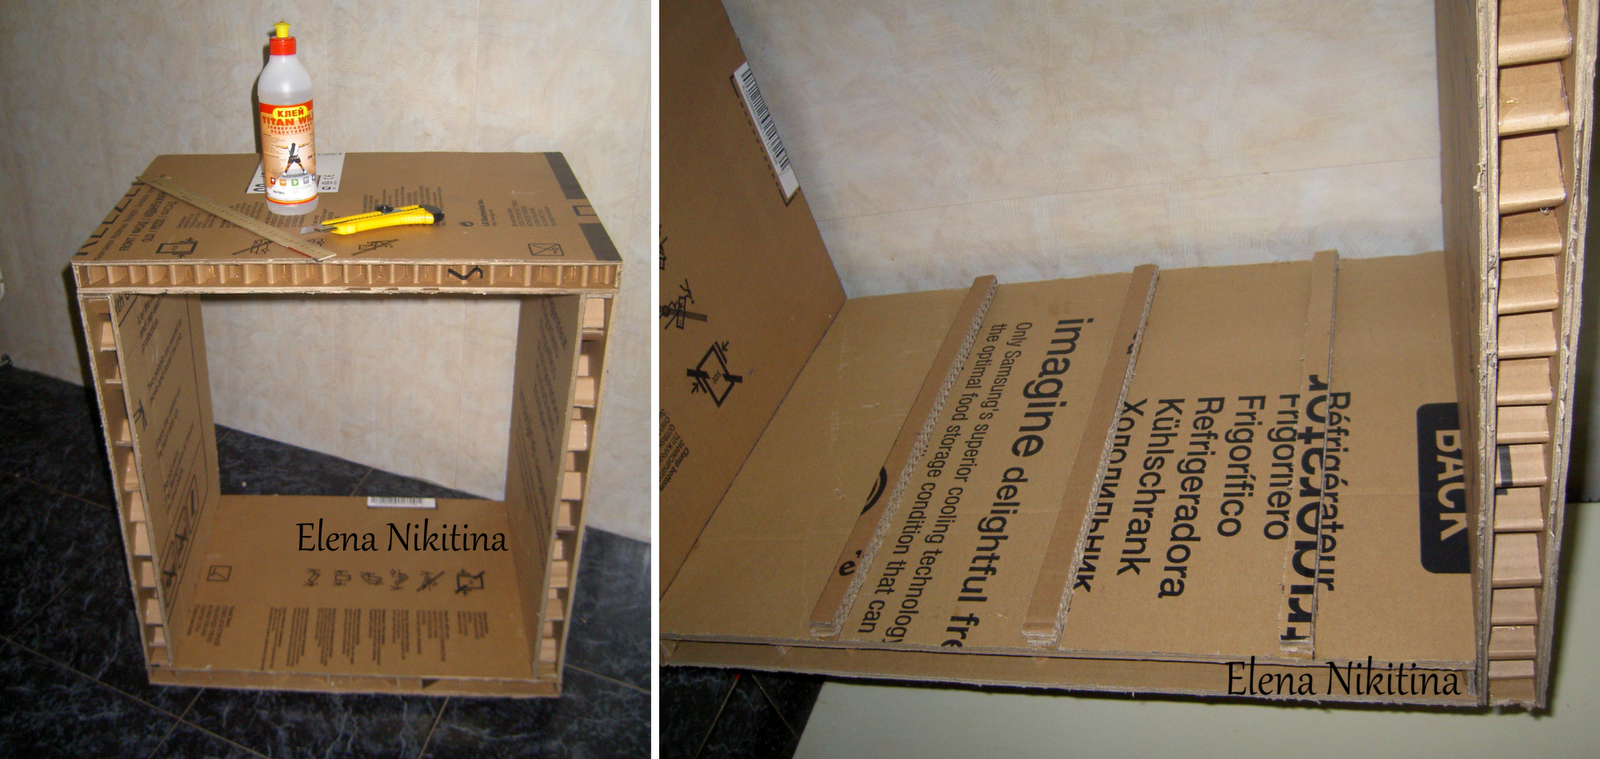 Делаем камин из коробки от телевизора своими руками: пошаговая инструкция 37